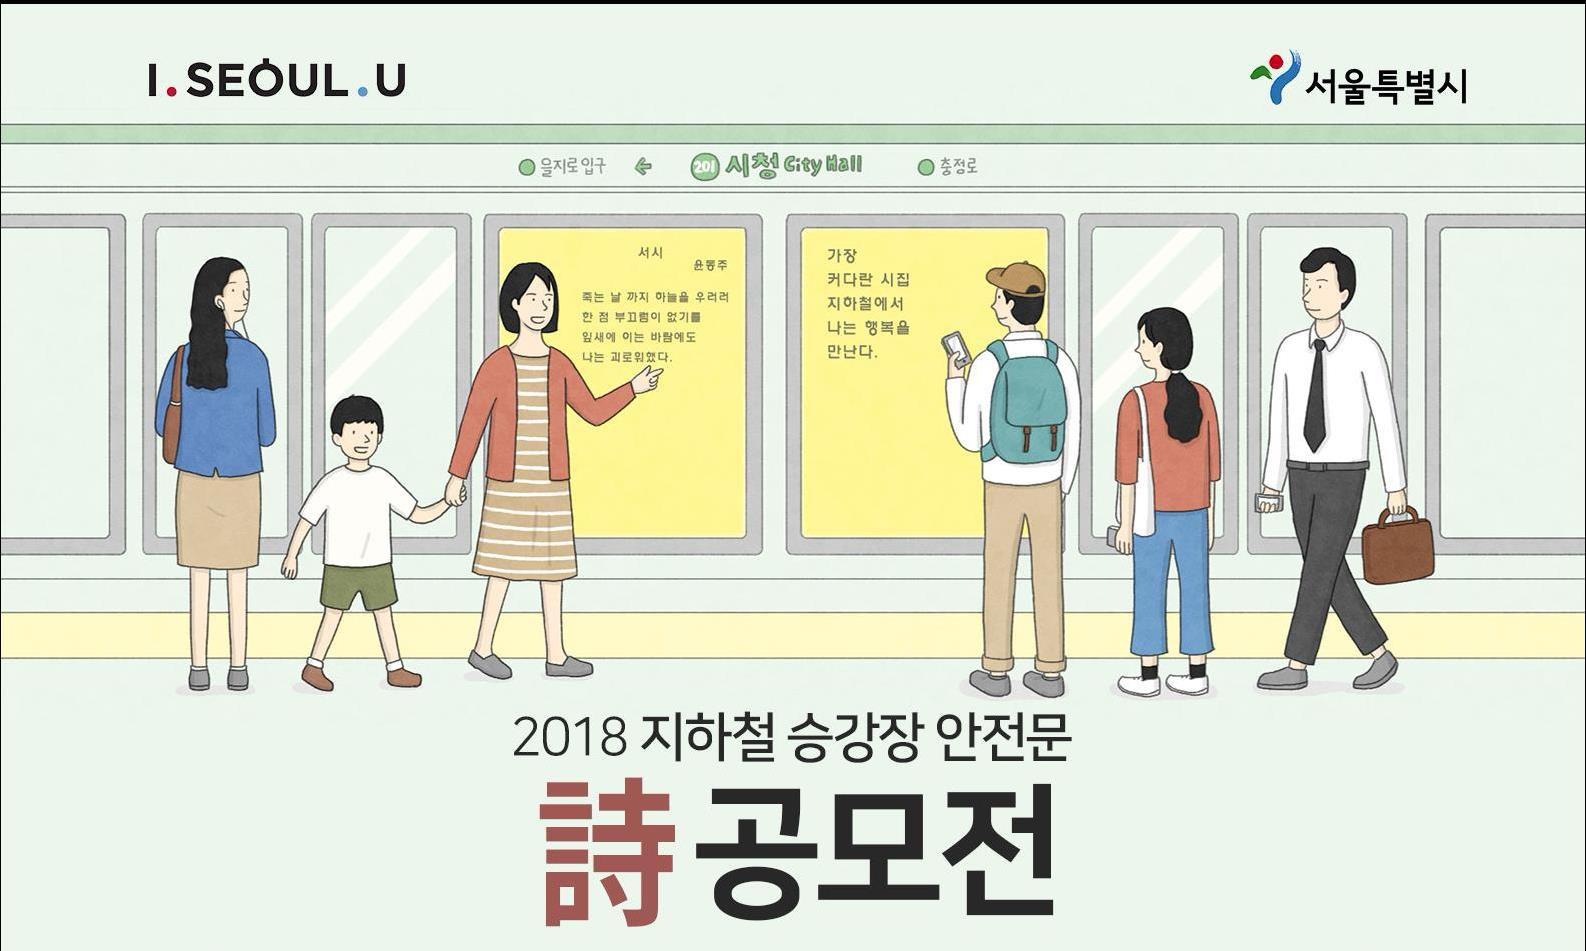 2018 지하철 승강장 안전문 시민창작시 게시 장소 공지